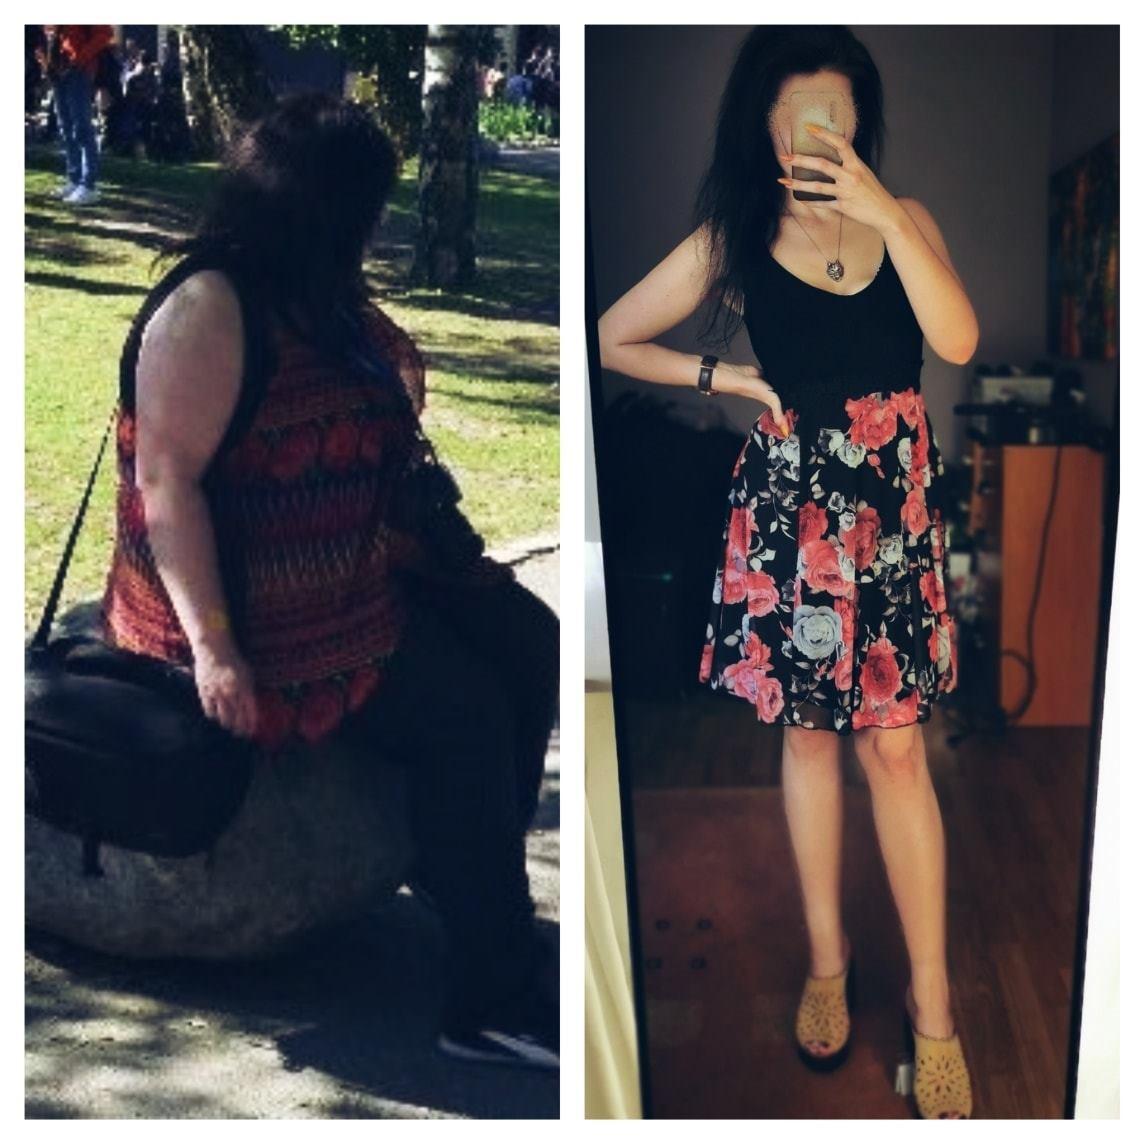 po lewej stronie pacjentka przed pierwszą wizytą. Po prawej ta sama pacjentka po tym jak schudła 73kg.